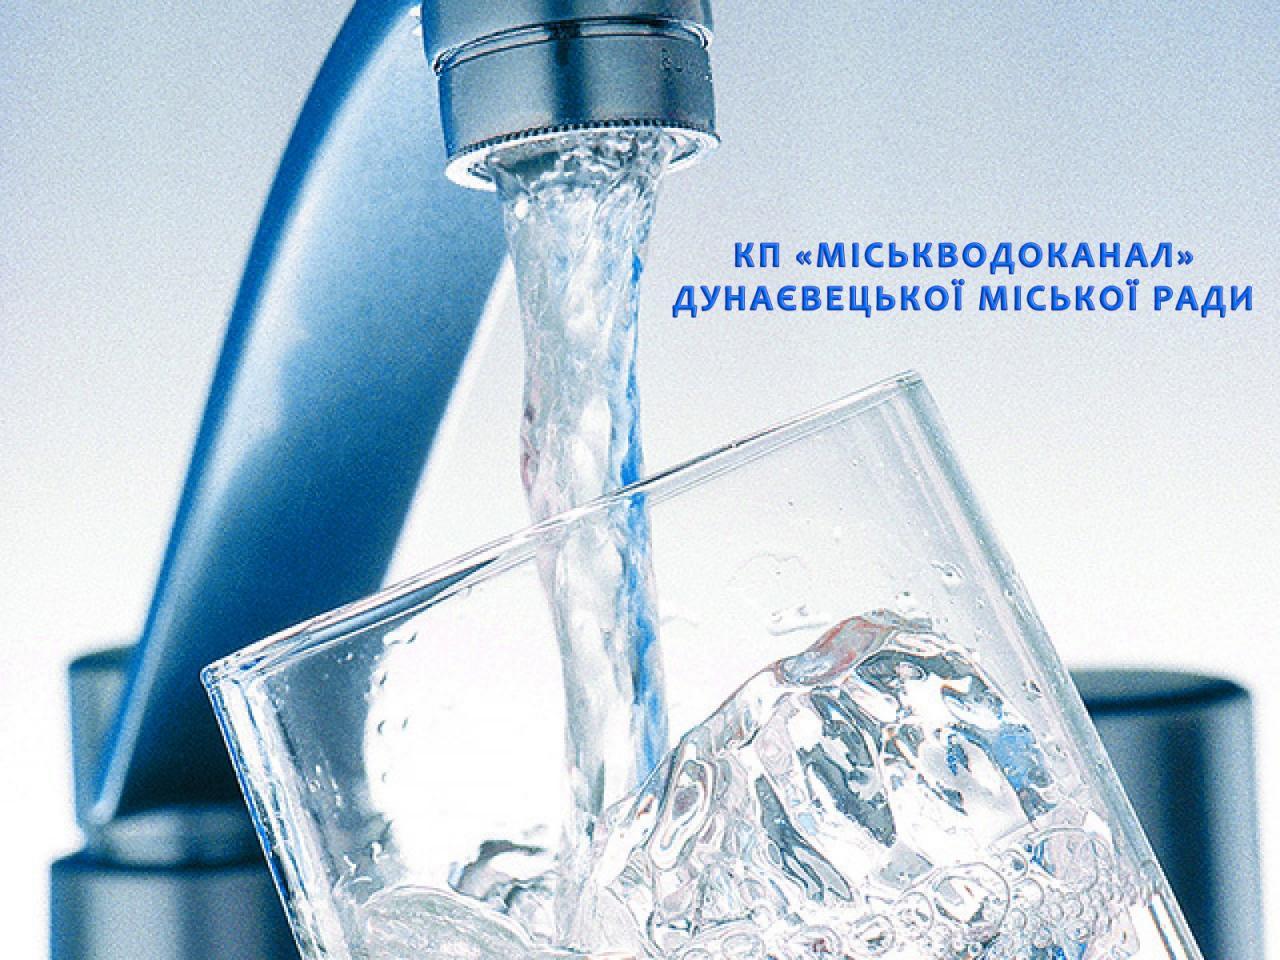 http://dunrada.gov.ua/uploadfile/archive_news/2020/11/20/2020-11-20_2773/images/images-35735.jpg